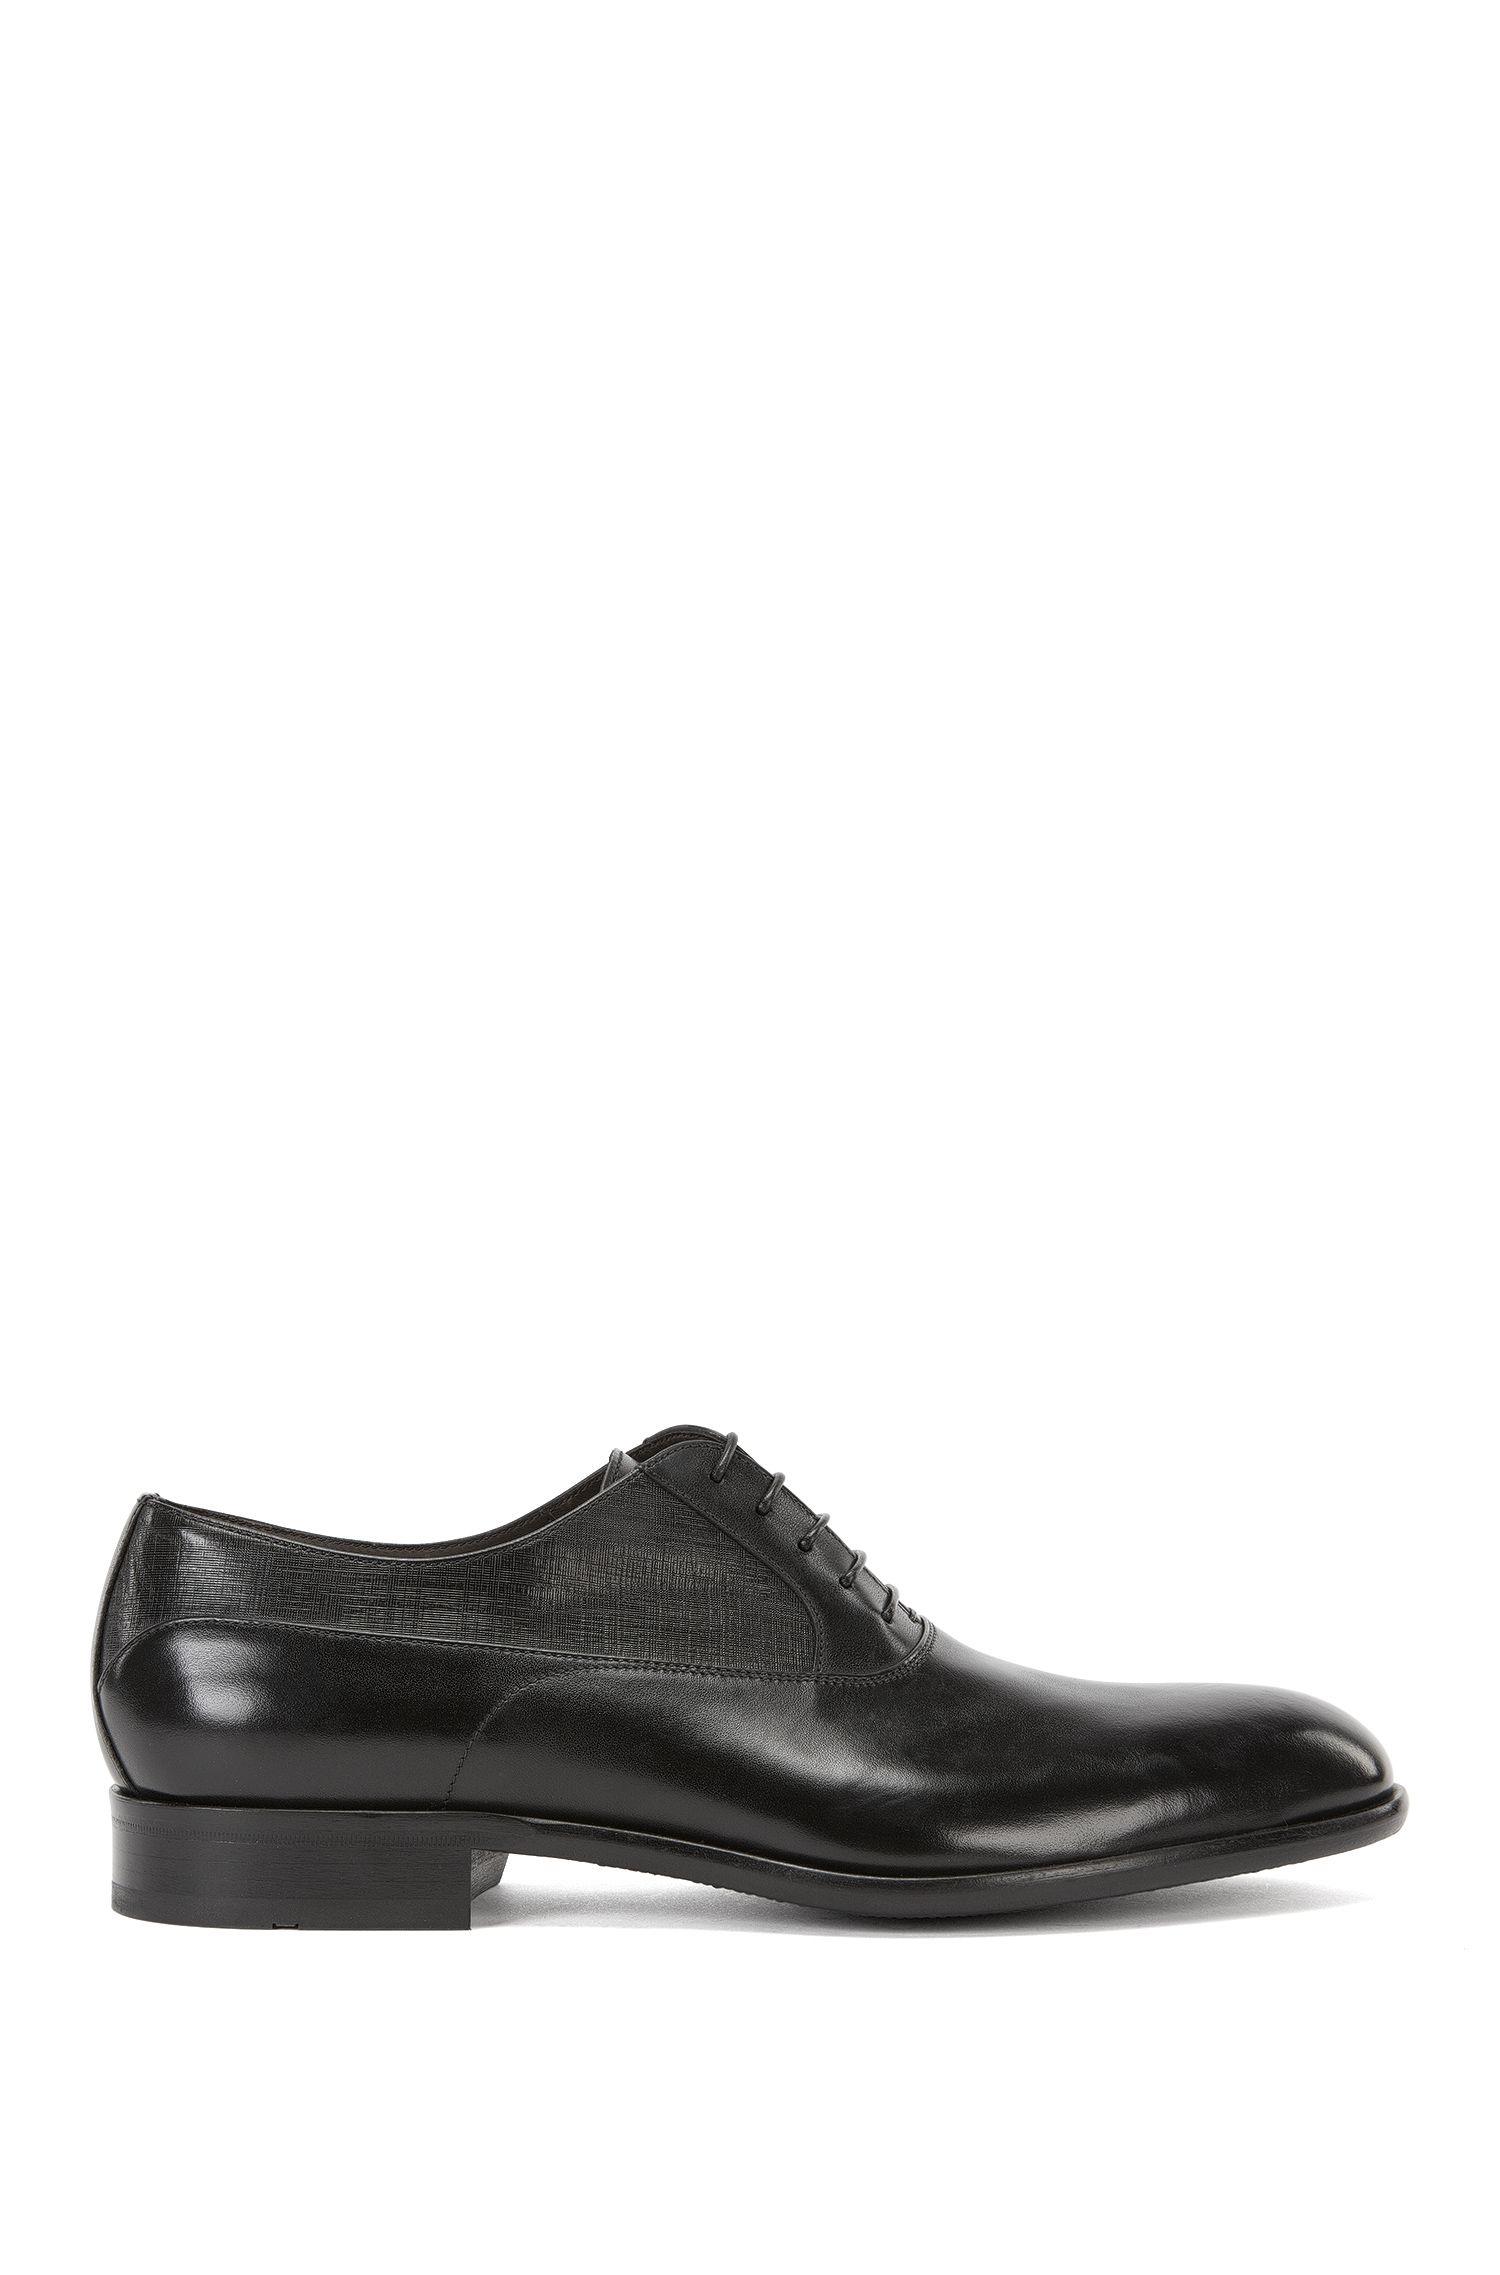 Chaussures Oxford à quartiers en cuir imprimé